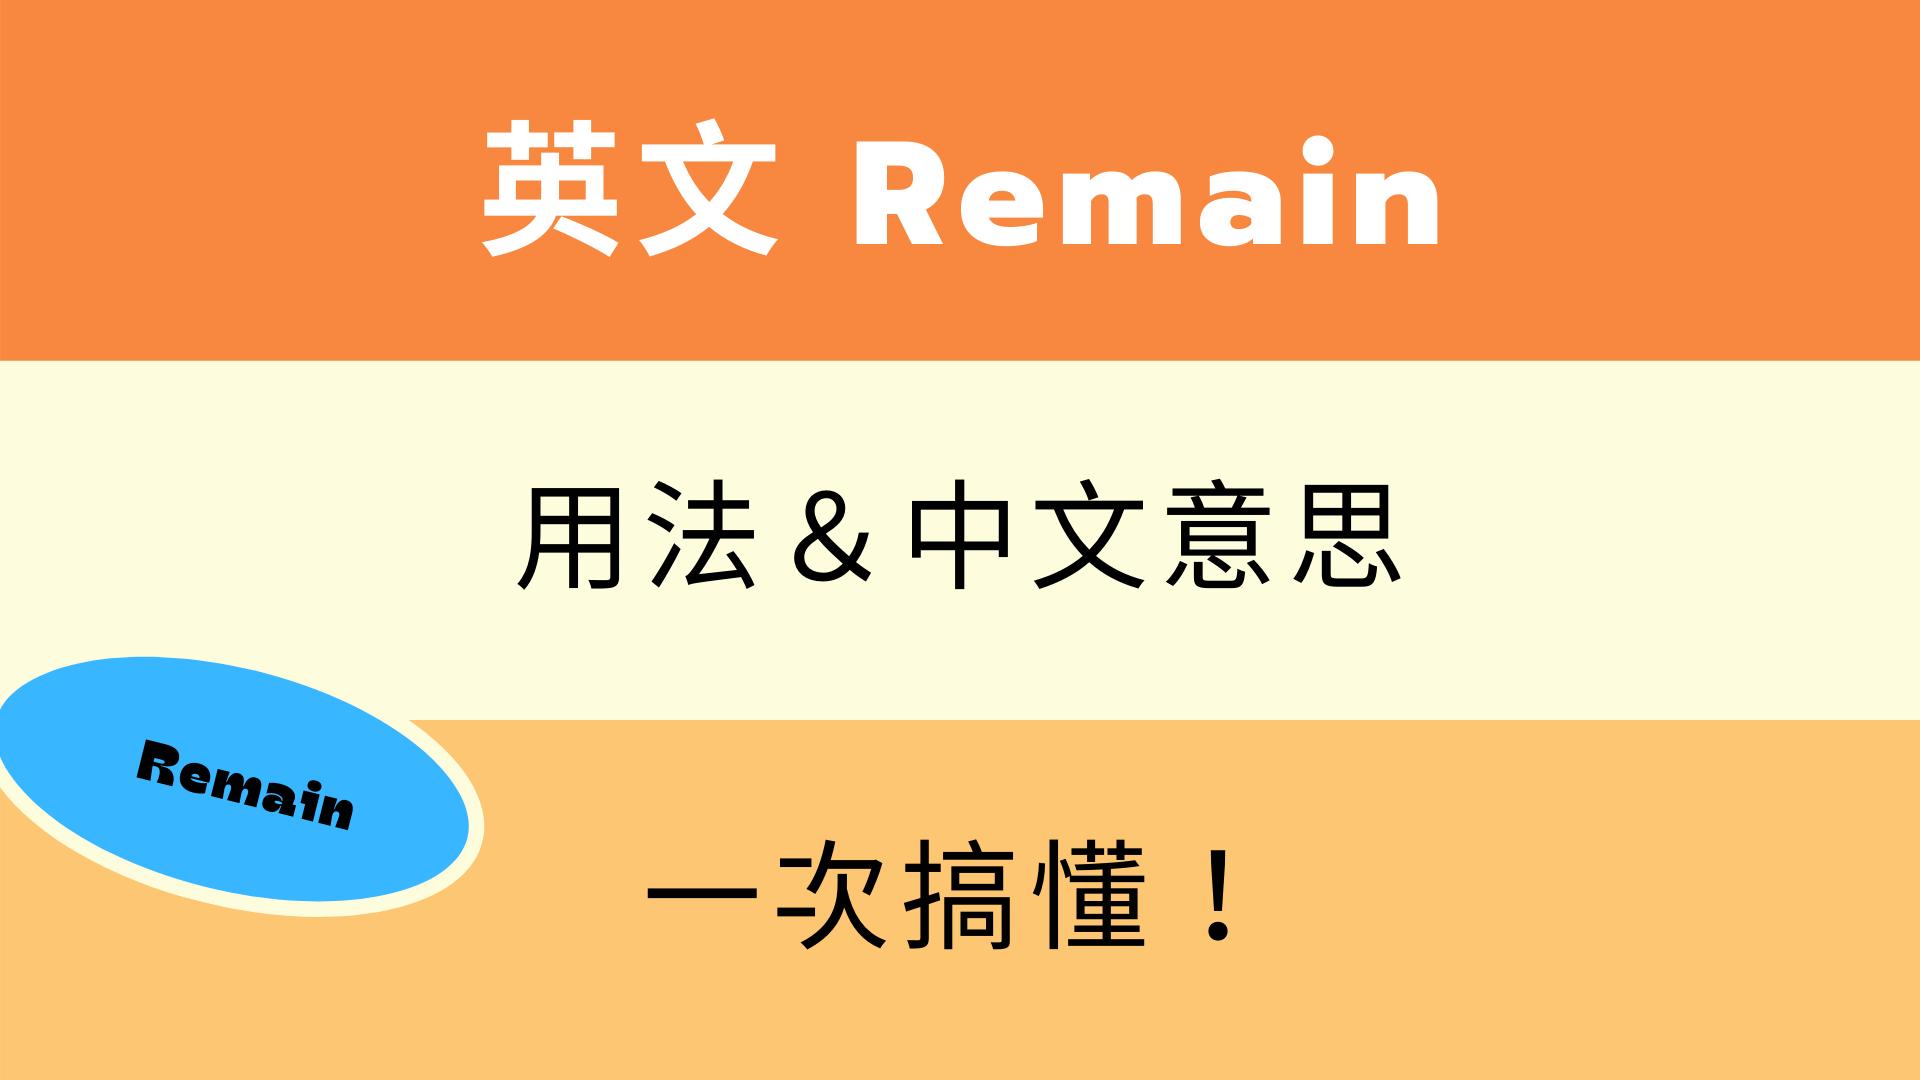 英文 Remain 所有用法與中文意思!跟 Keep 差在哪?一次搞懂